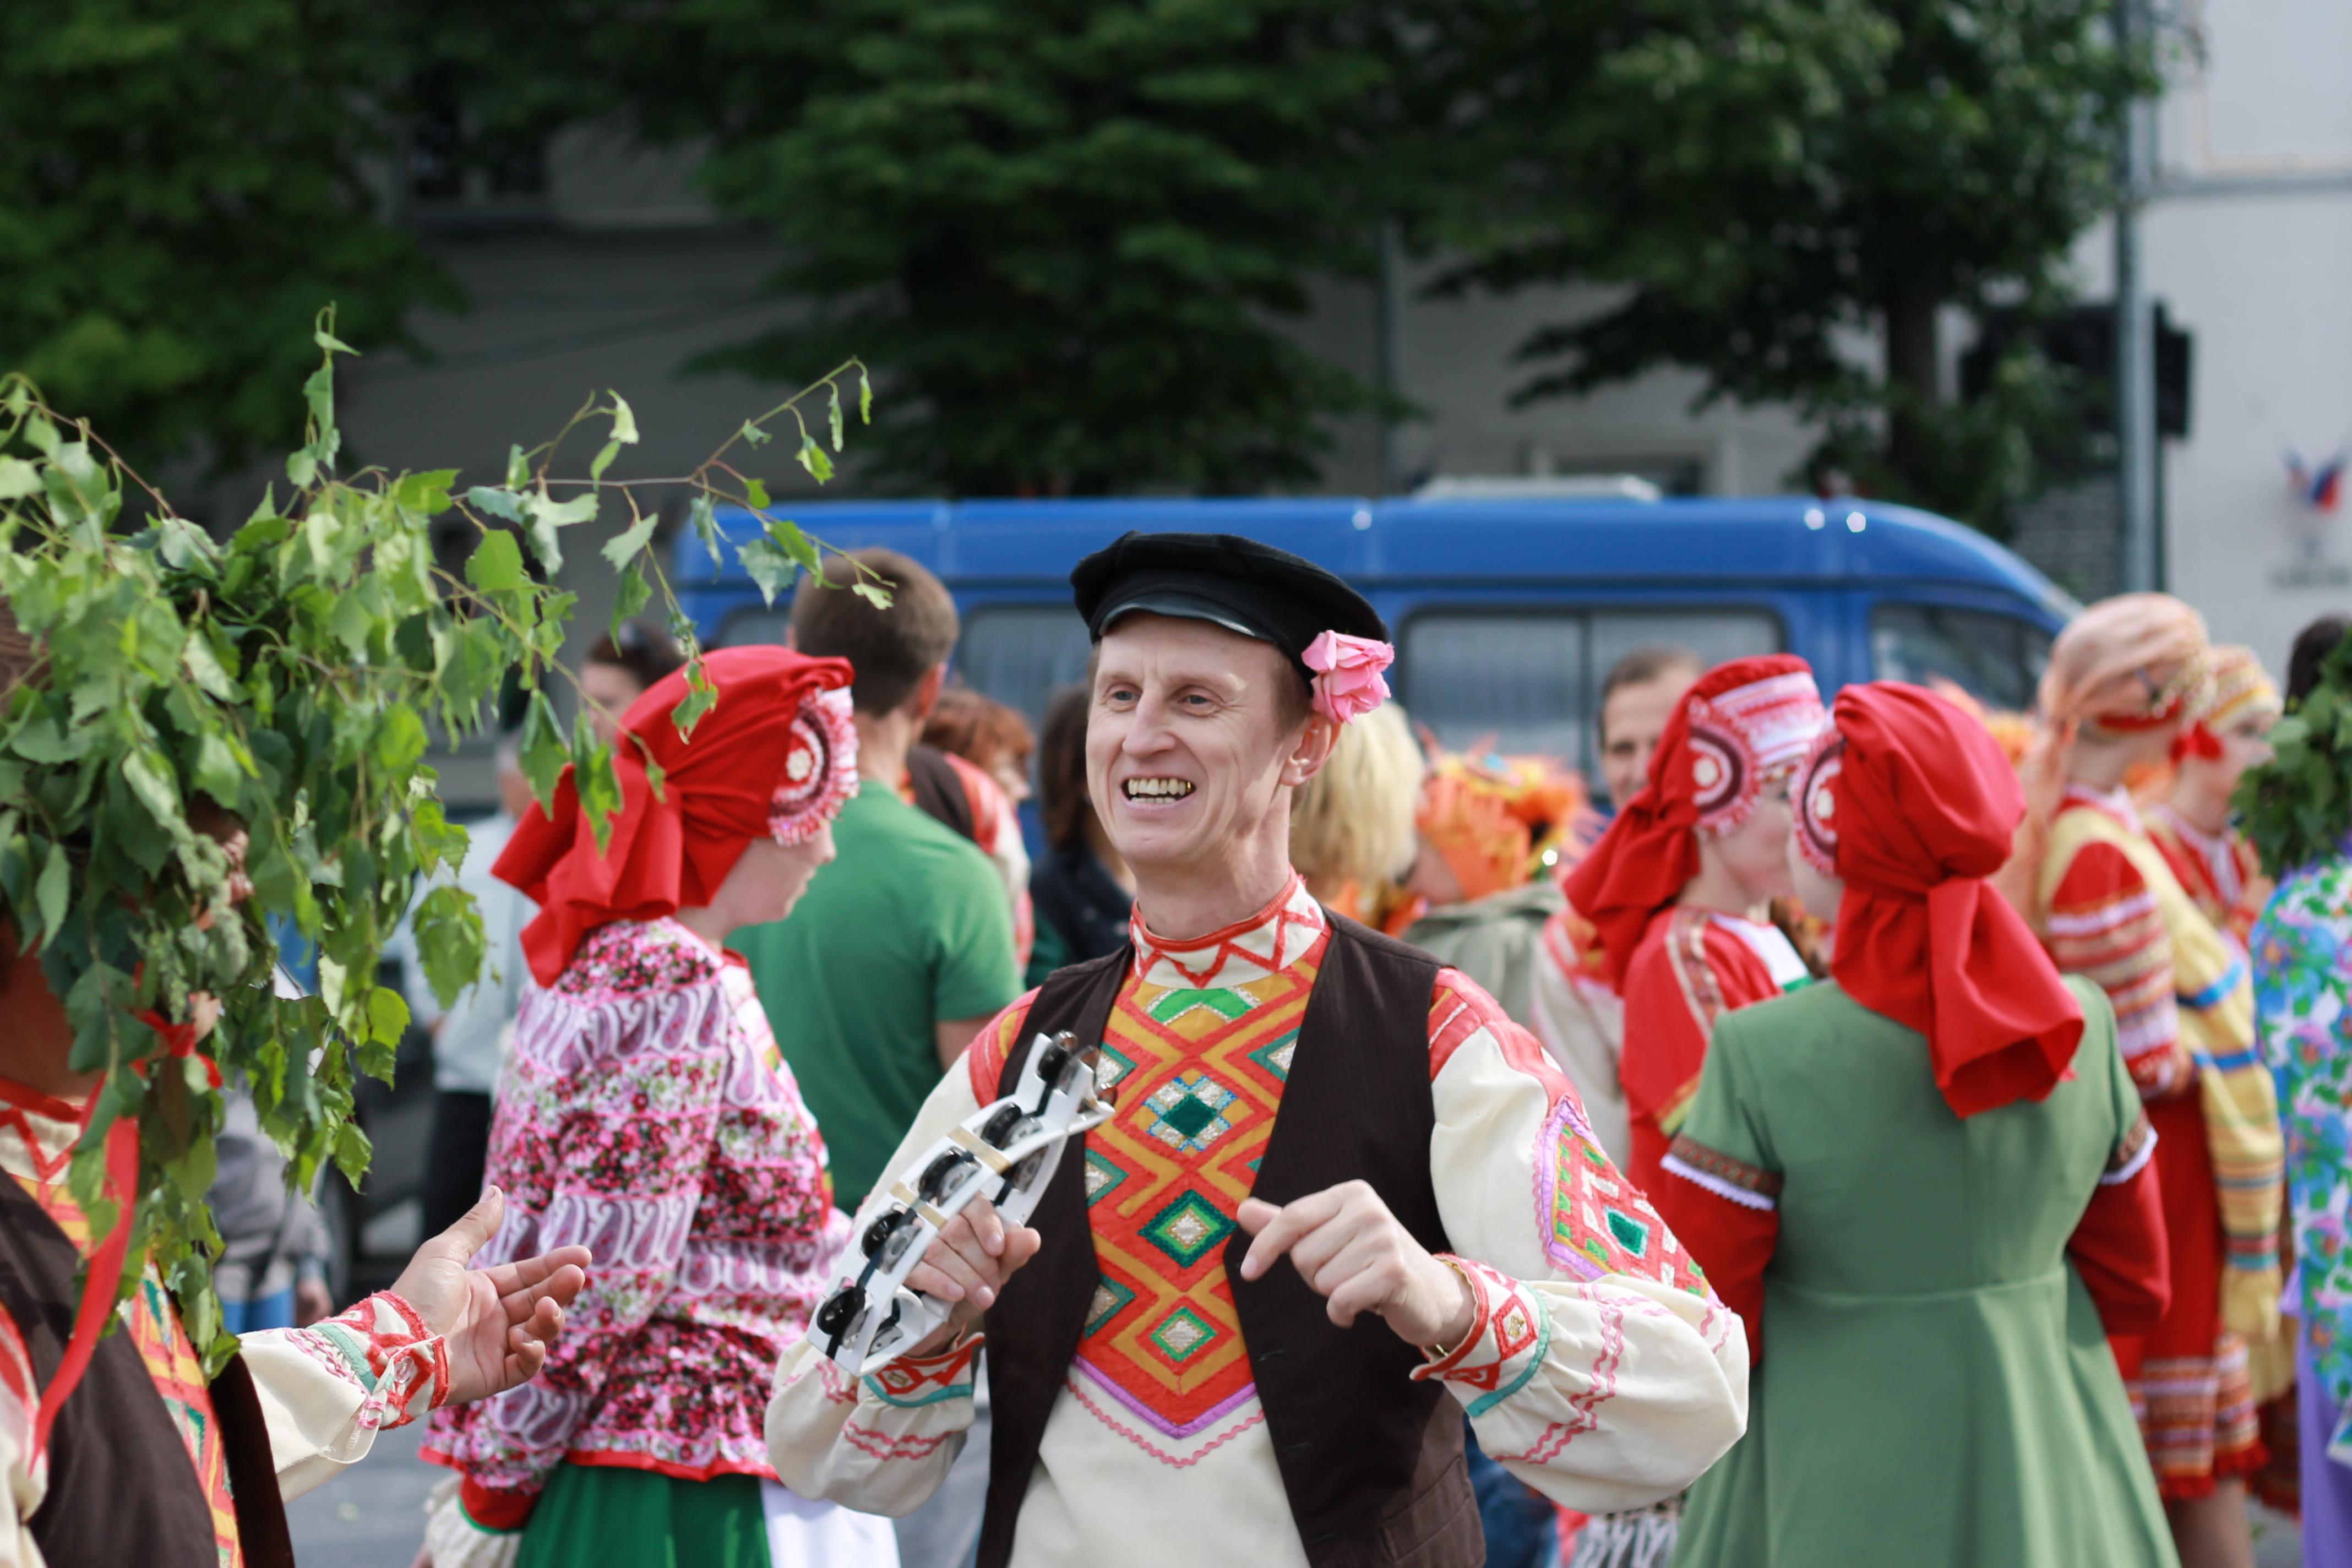 ульяновск празднование троицы фото хорошего